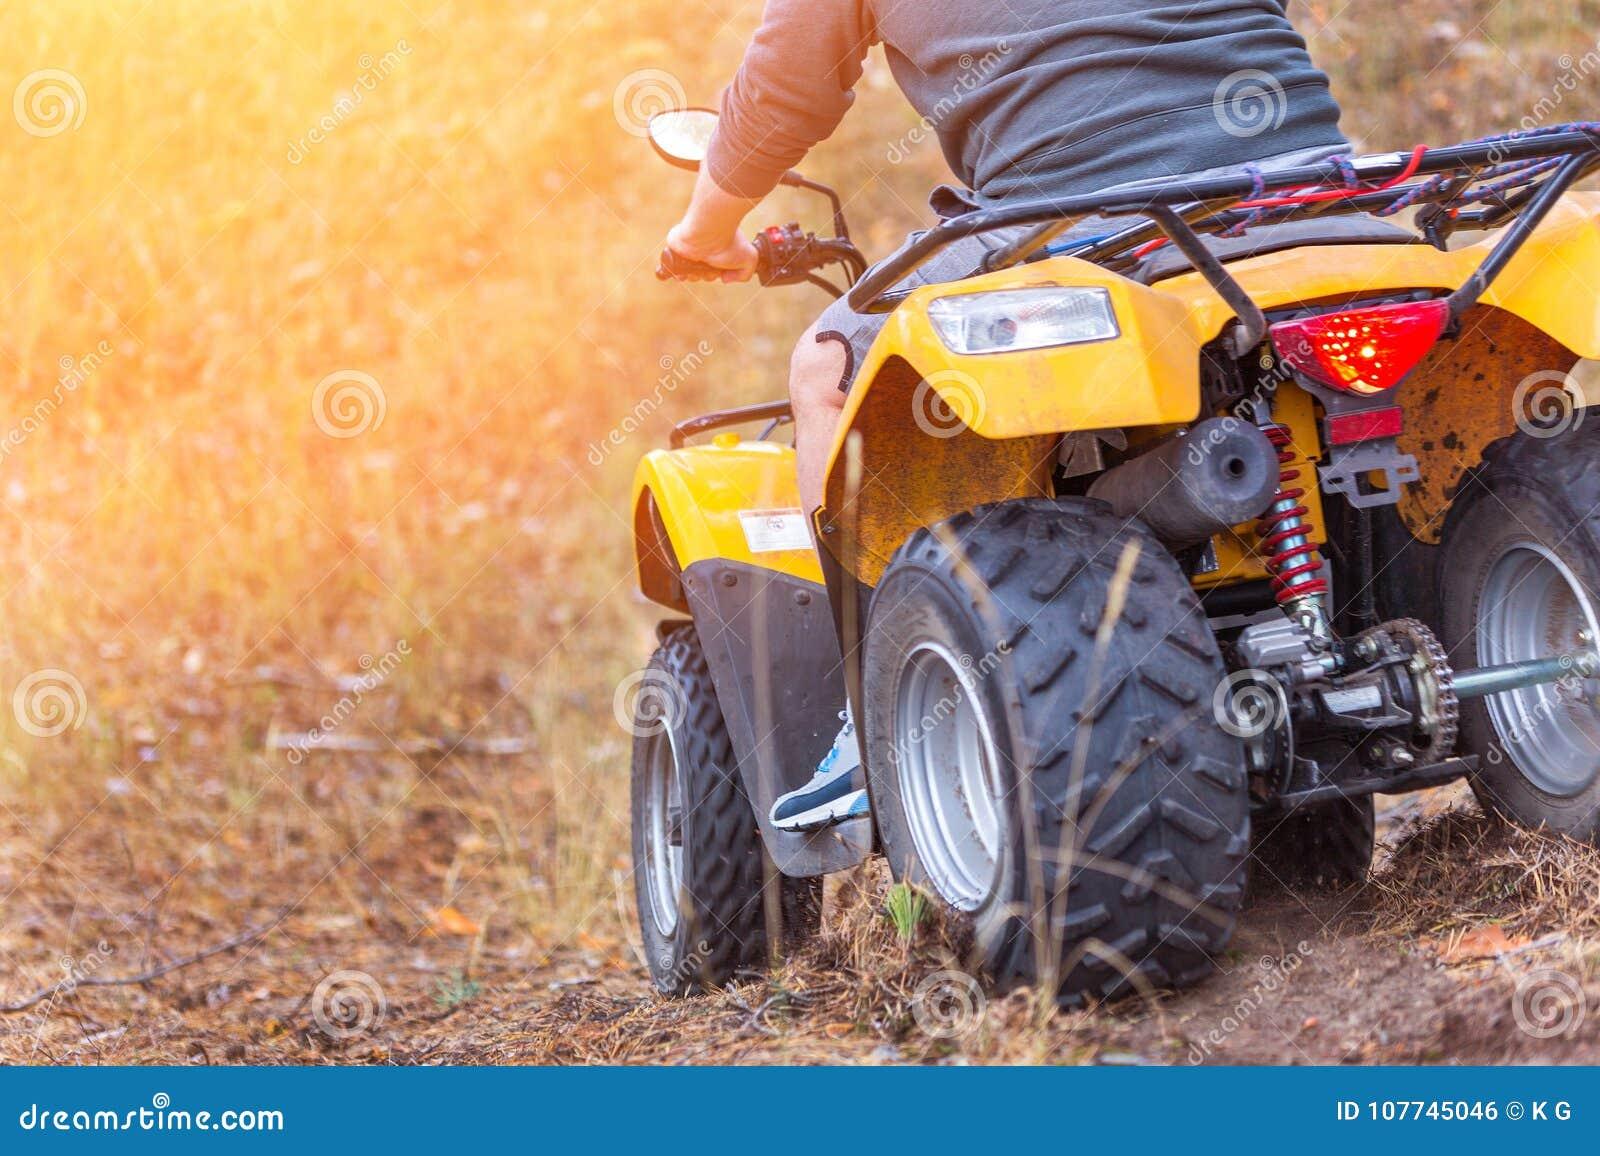 Bemannen Sie das Reiten eines ATV-quadbike in einem schönen Herbstkiefern-Waldesprit